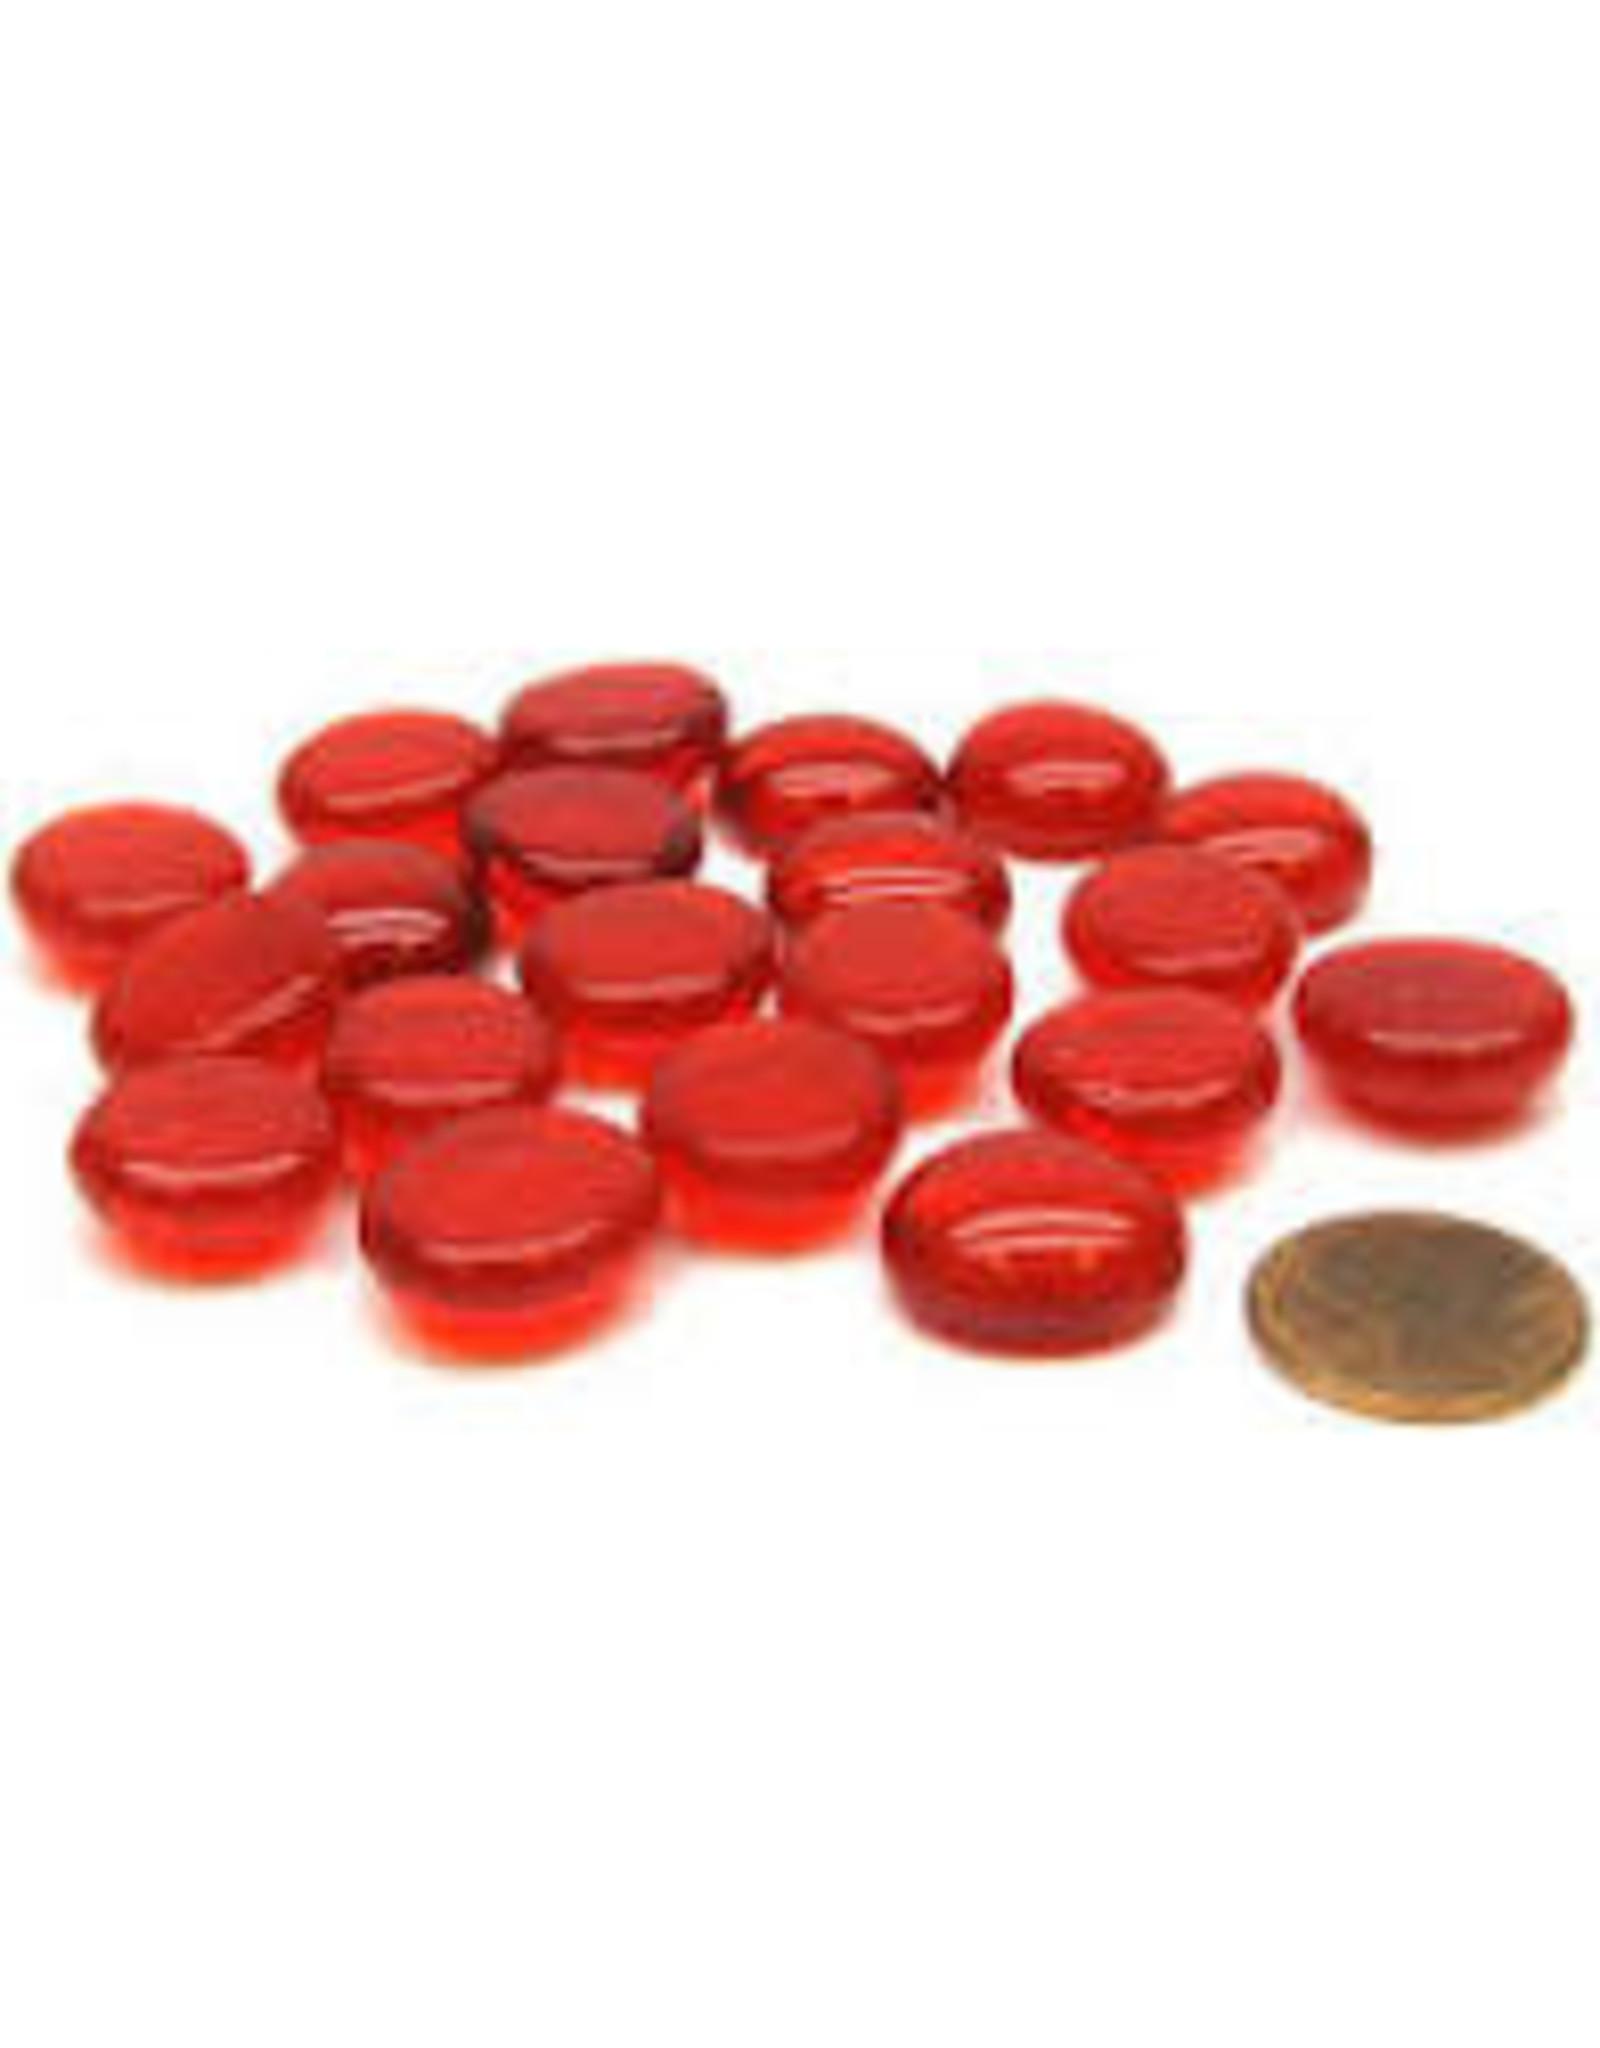 Koplow Games 20 LIFE STONES RED